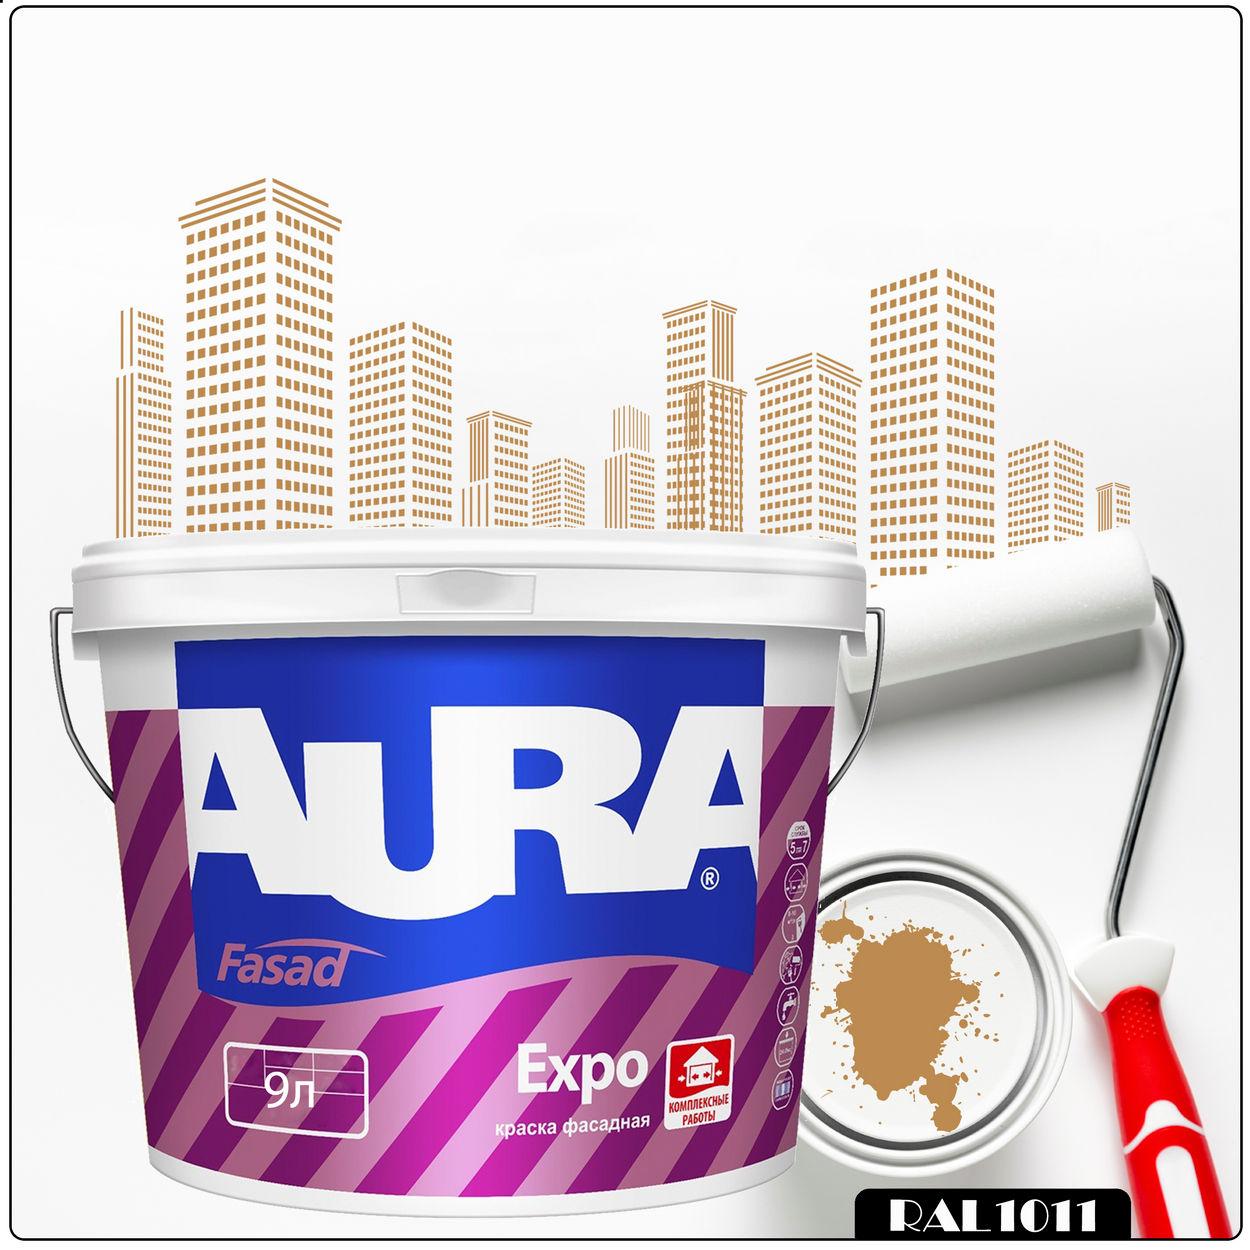 Фото 9 - Краска Aura Fasad Expo, RAL 1011 Коричнево-жёлтый, матовая, для фасадов и помещений с повышенной влажностью, 9л.